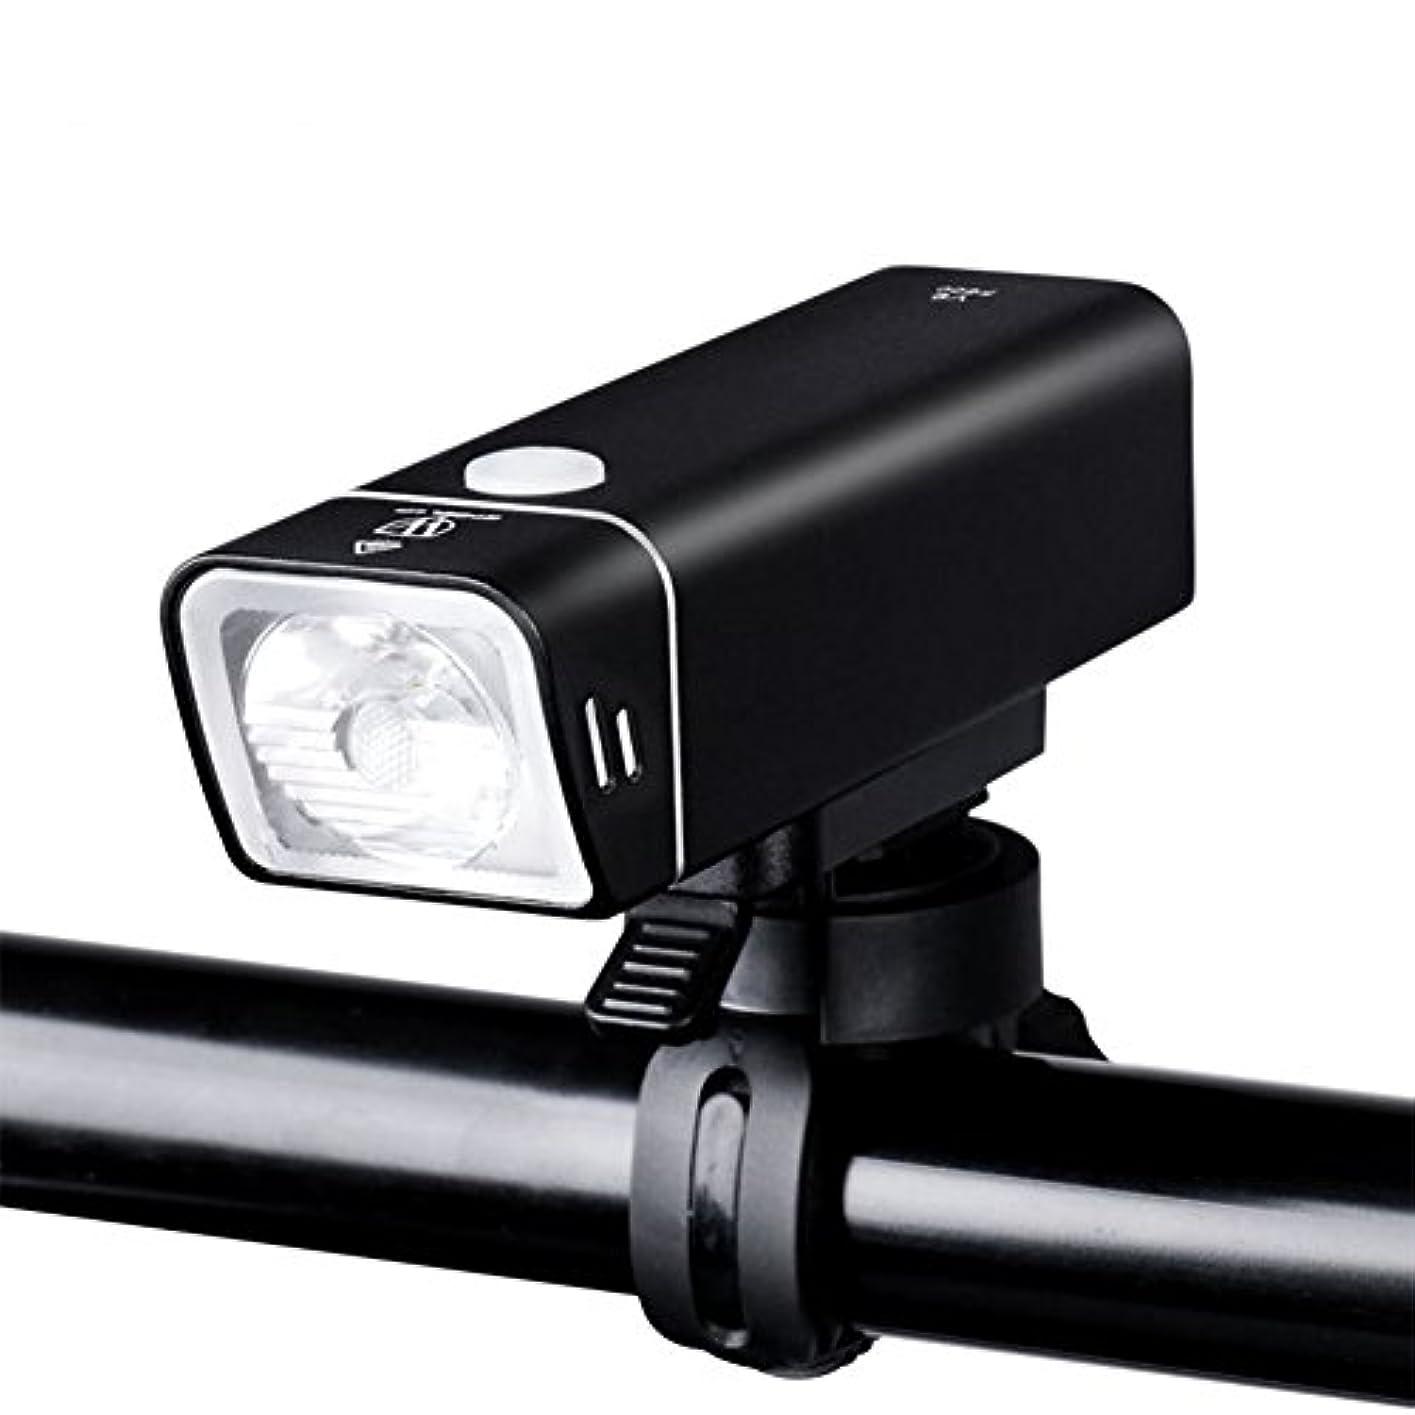 頼む破産ラックRaiFu ヘッドランプ 自転車 フロント ランプ 懐中電灯 高輝度 USB充電式 防水 自転車 サイクリング 安全 バイクライト